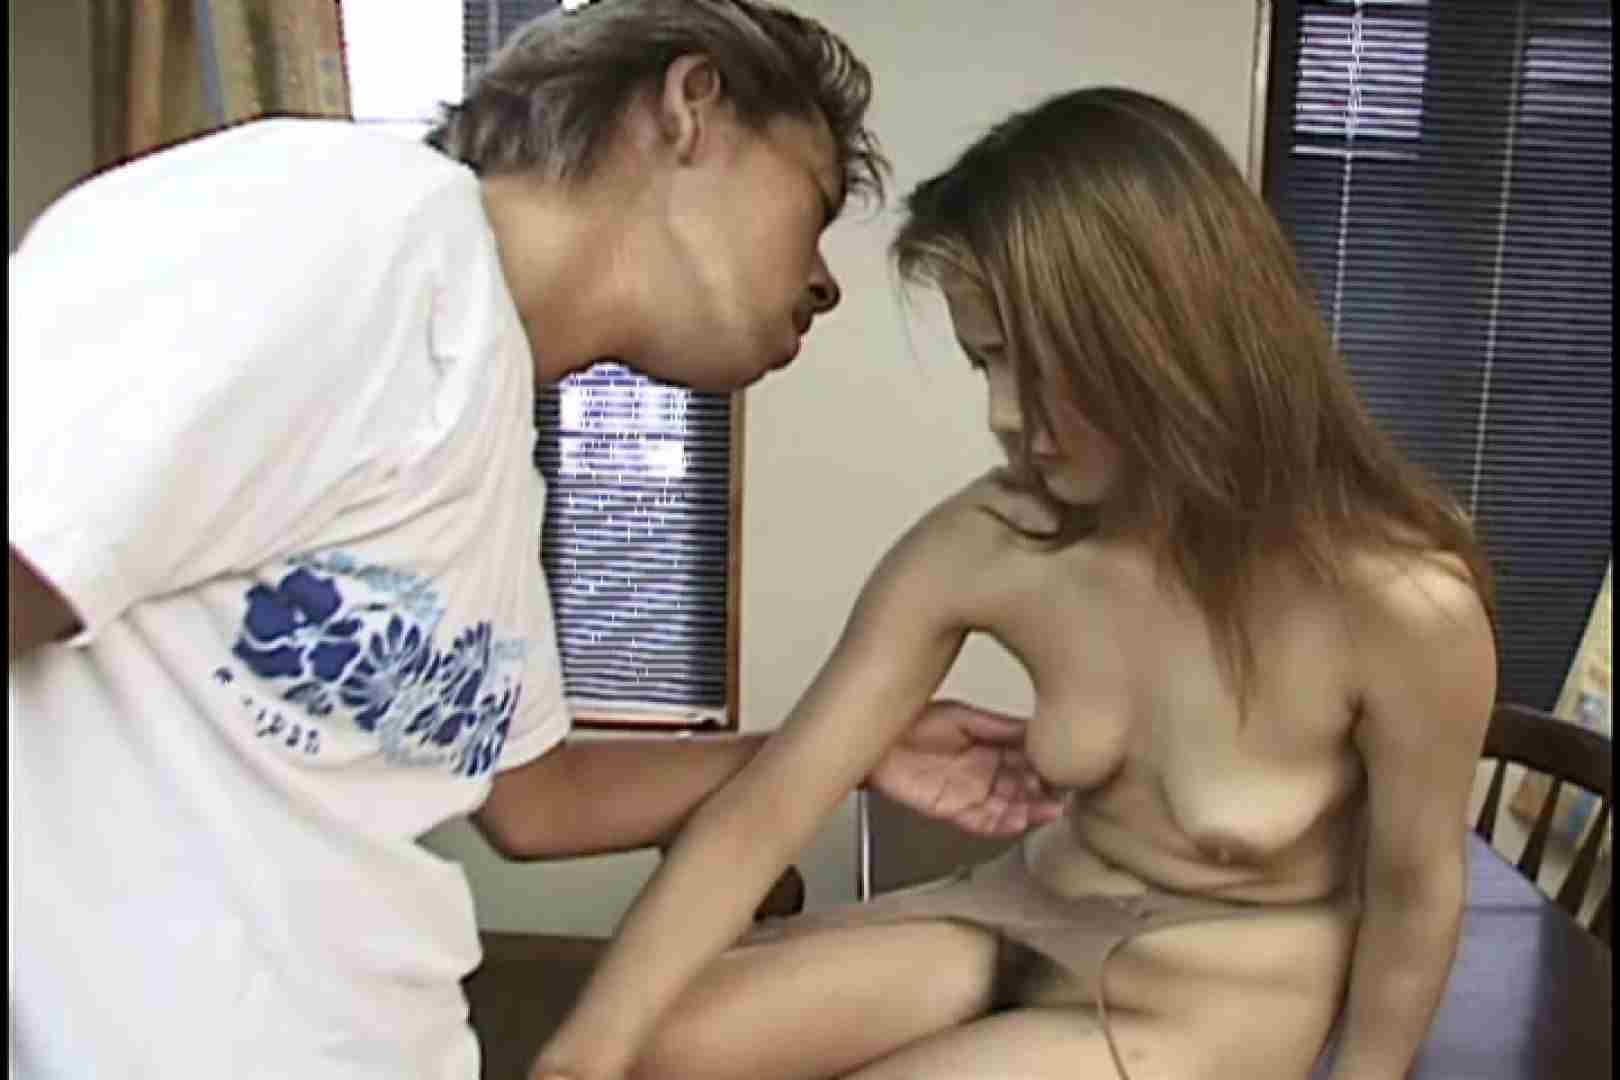 昼間の奥様は欲求不満 ~渡辺亜矢~ 友人の・・・ | クンニ映像  74pic 52